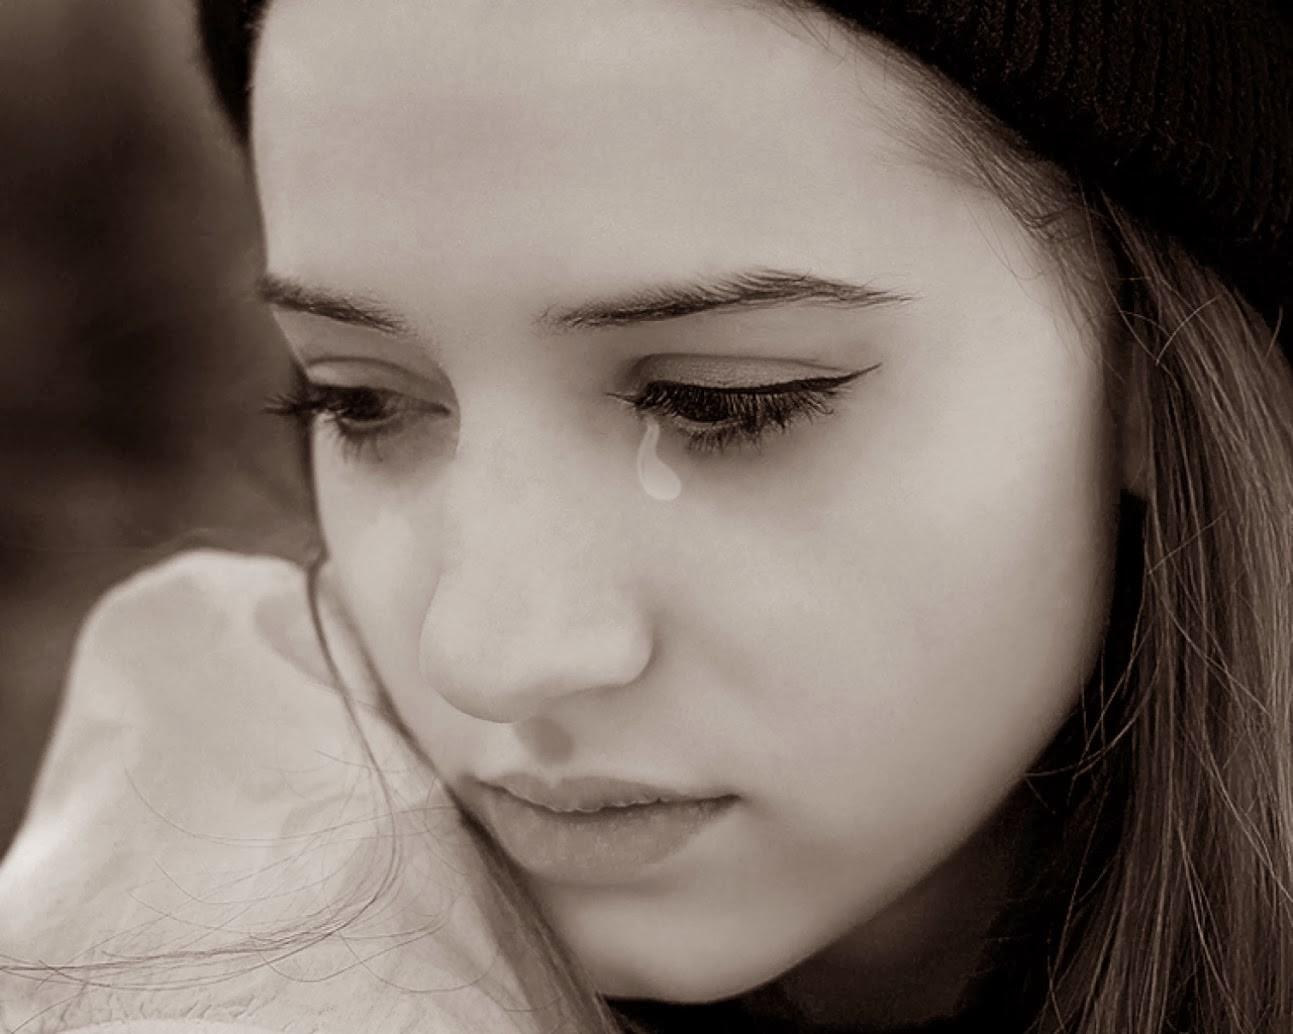 صورة صور فتاة حزينة , اجمل الصور للحزينات